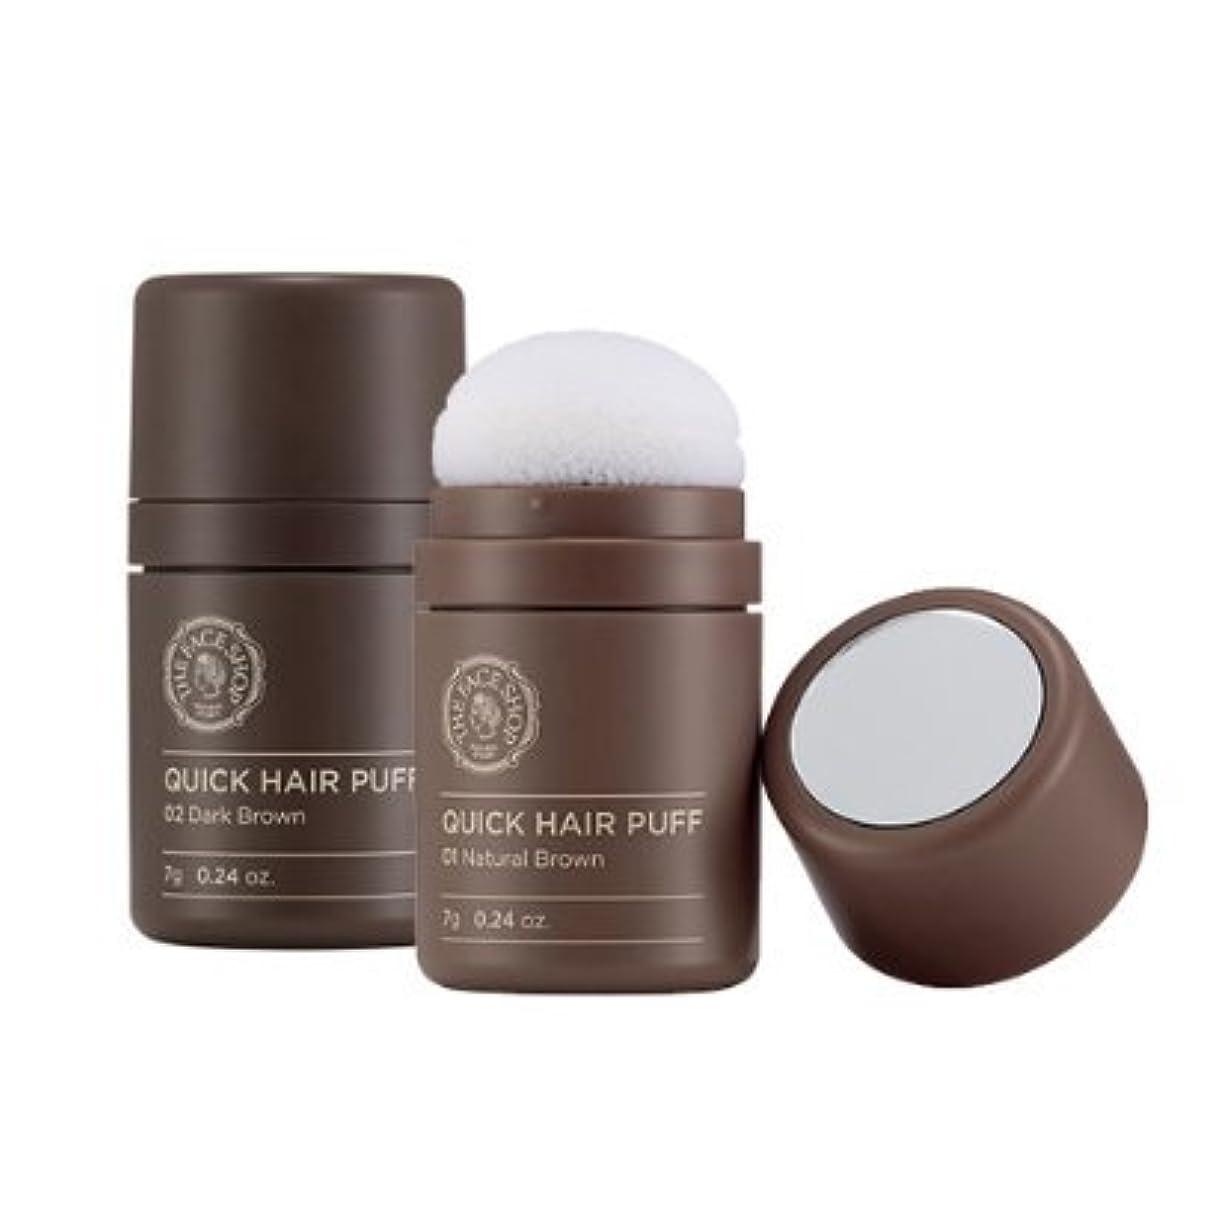 放射する横くそーTHE FACE SHOP Quick Hair Puff #01 Natural Brown ザフェイスショップ クイックヘアパフ #01 ナチュラルブラウン [並行輸入品]